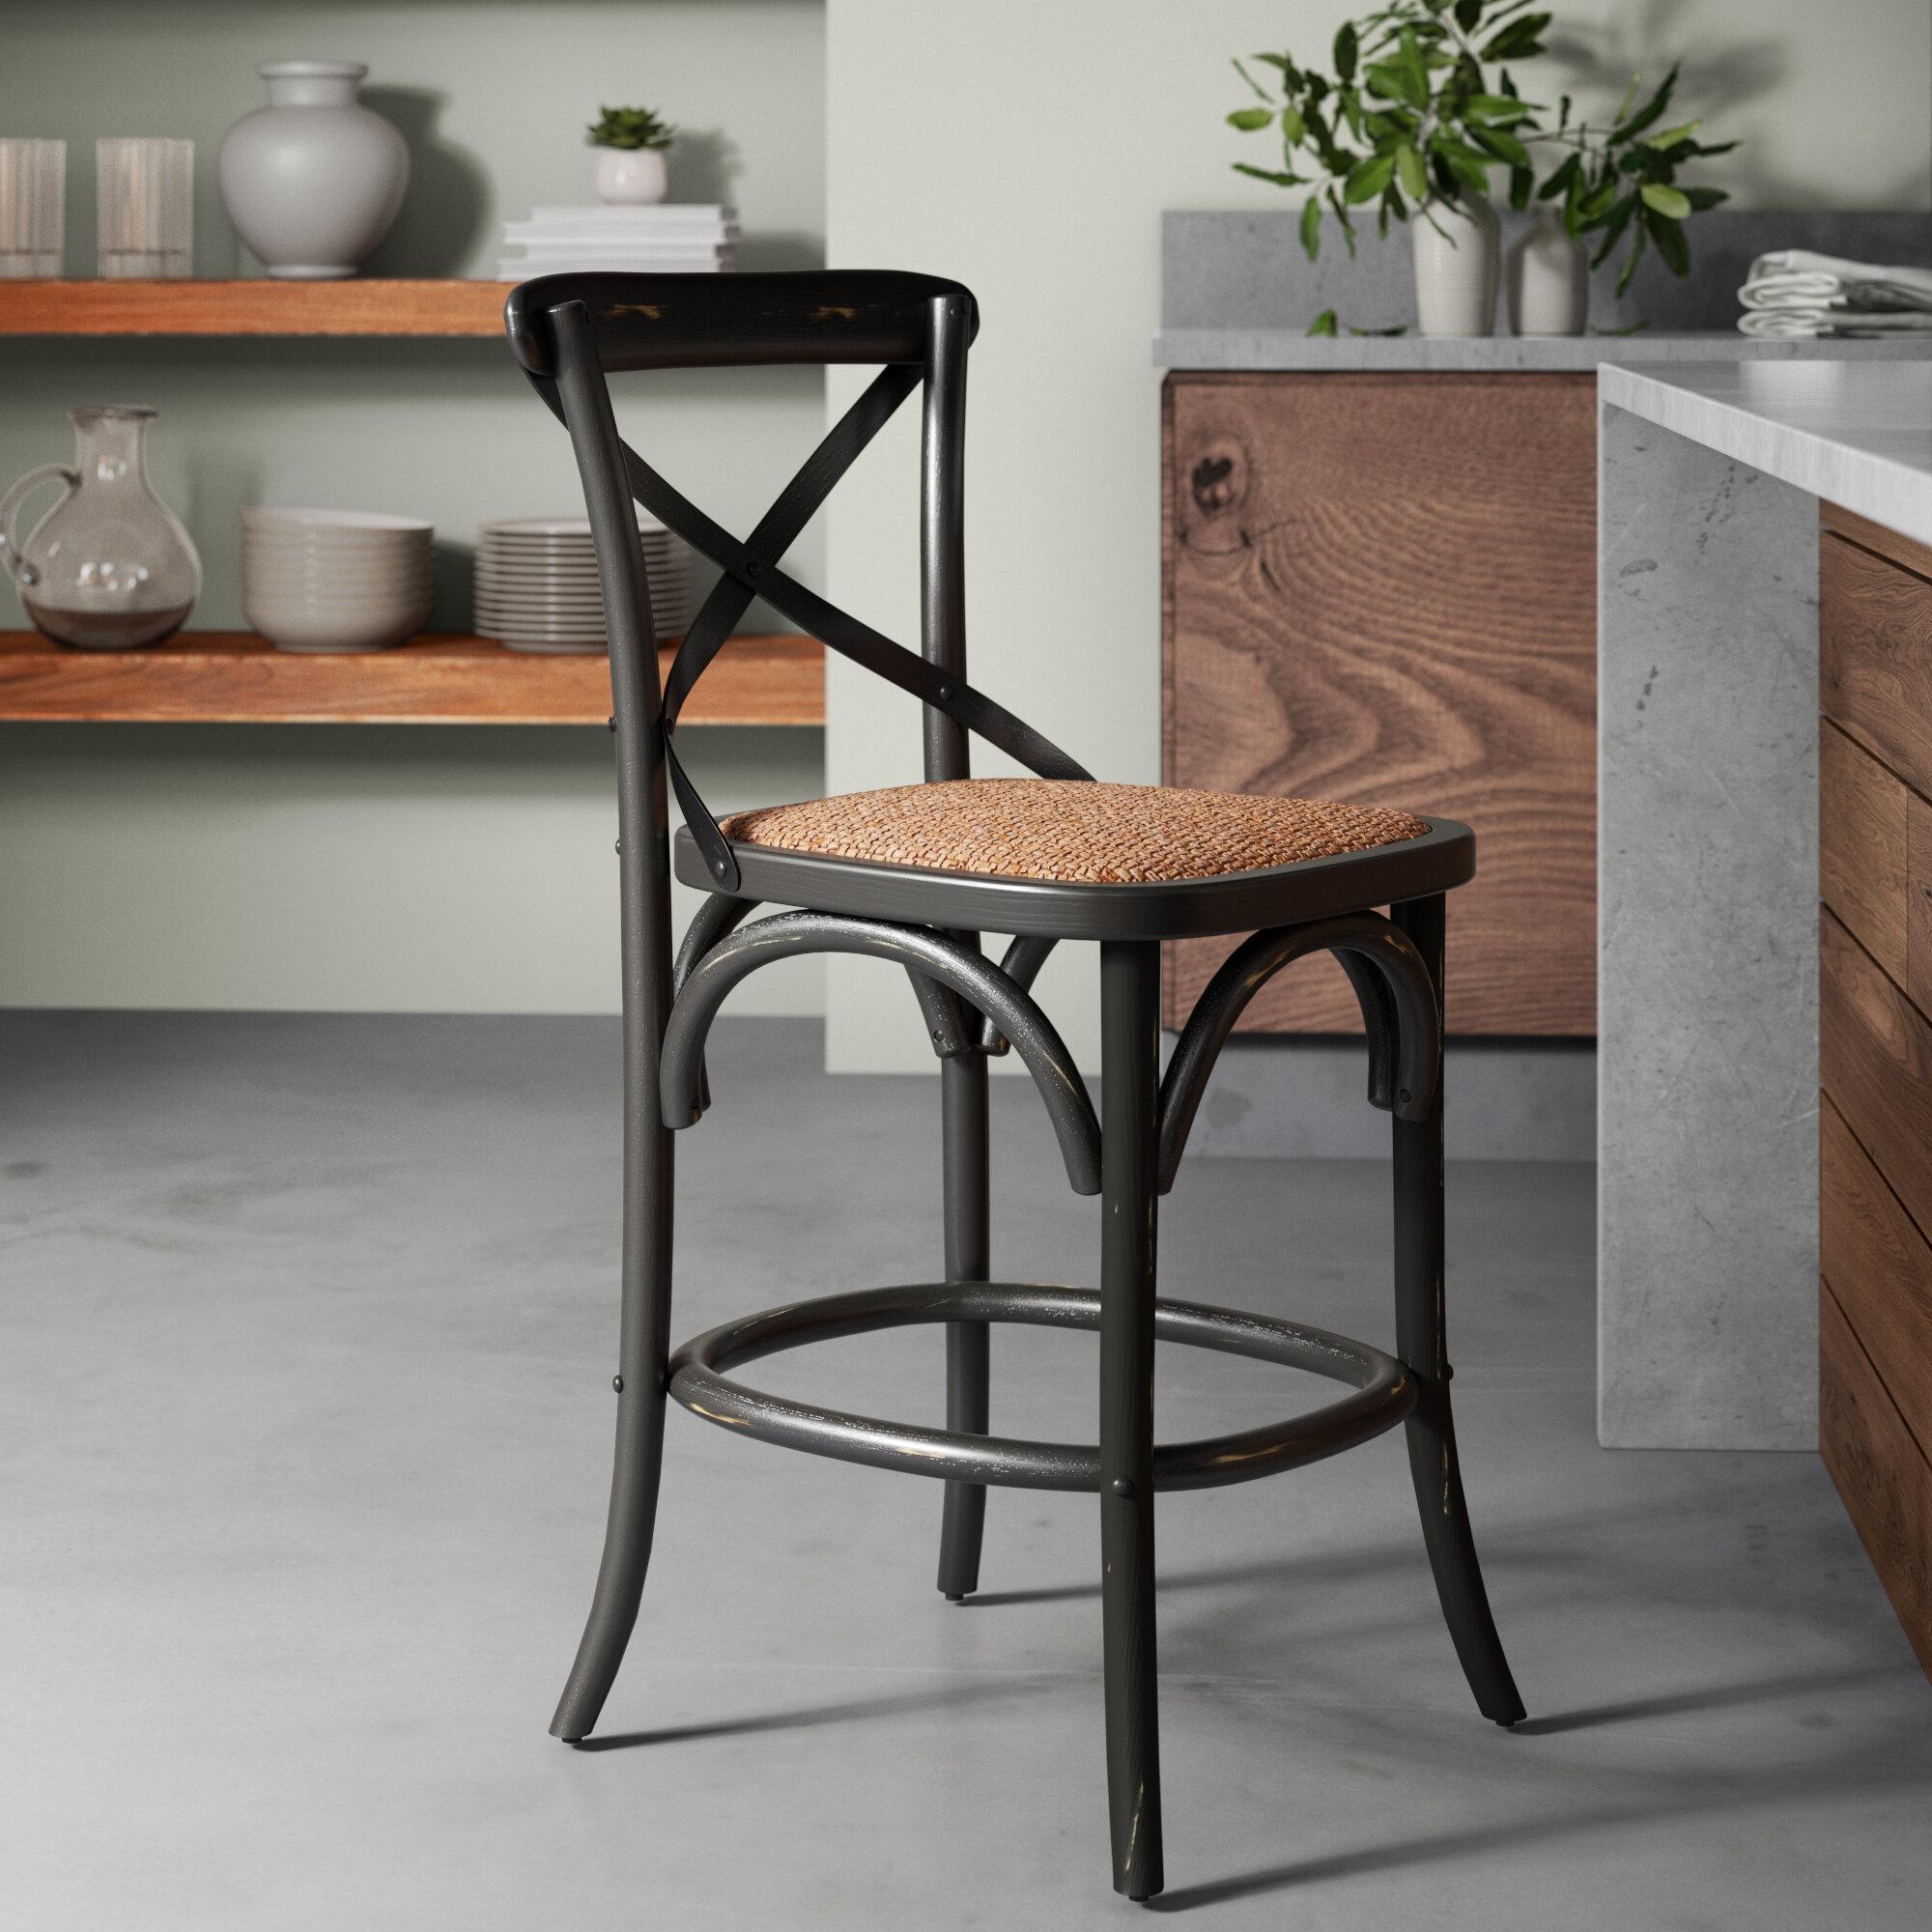 Pleasant Greyleigh Carterville Bar Counter Stool Reviews Wayfair Spiritservingveterans Wood Chair Design Ideas Spiritservingveteransorg